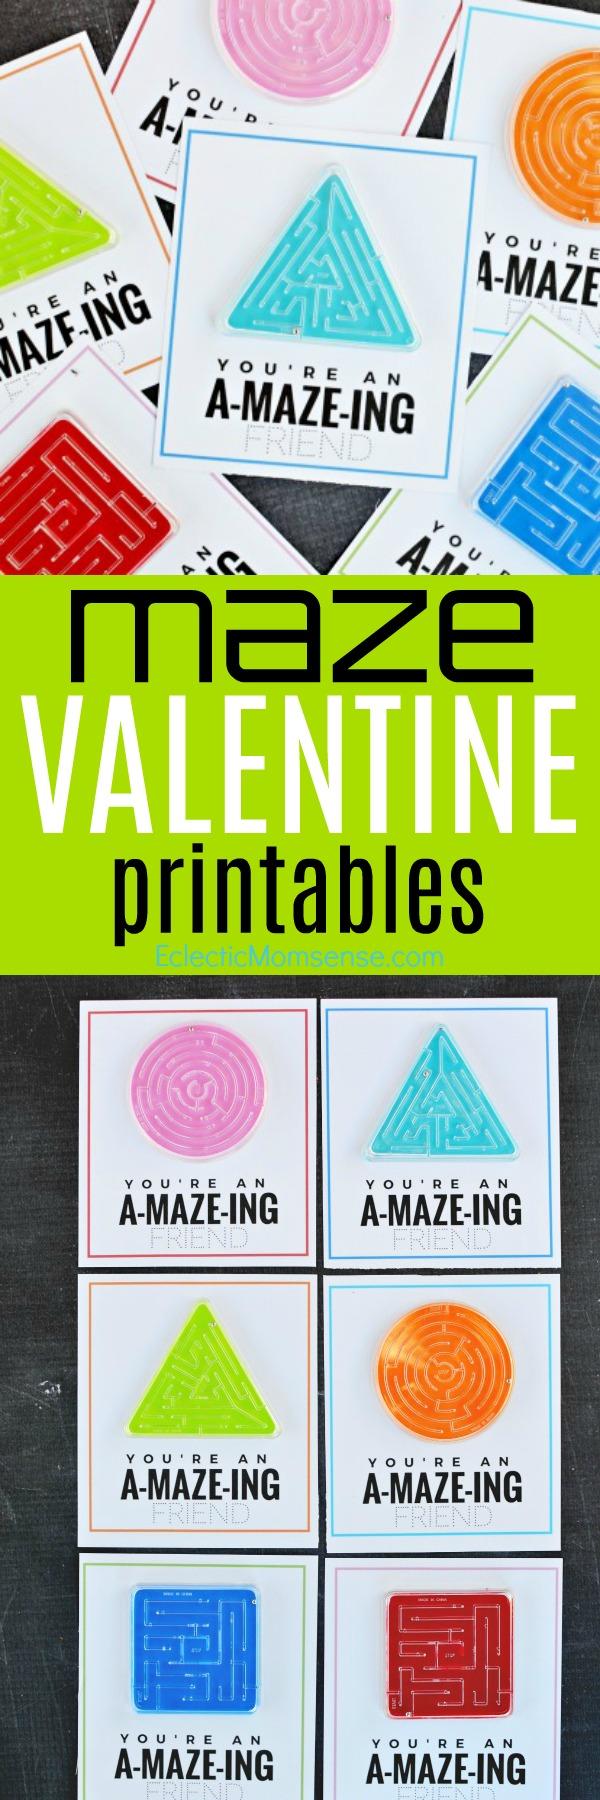 maze valentines